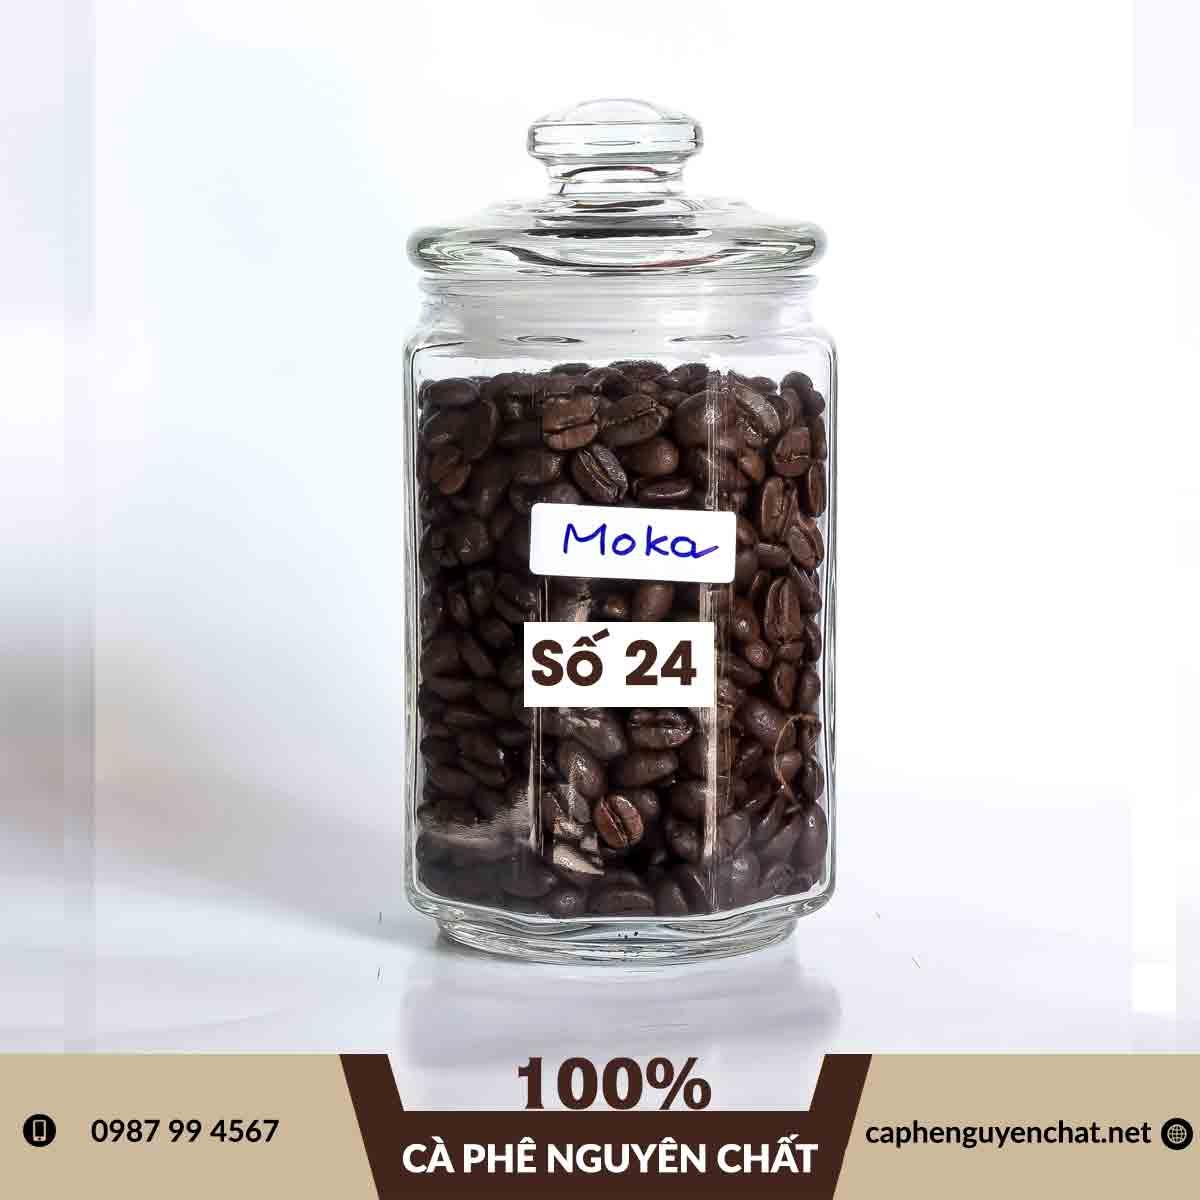 Cà phê Moka Cầu Đất nguyên chất do Cà Phê Nguyên Chất cung cấp